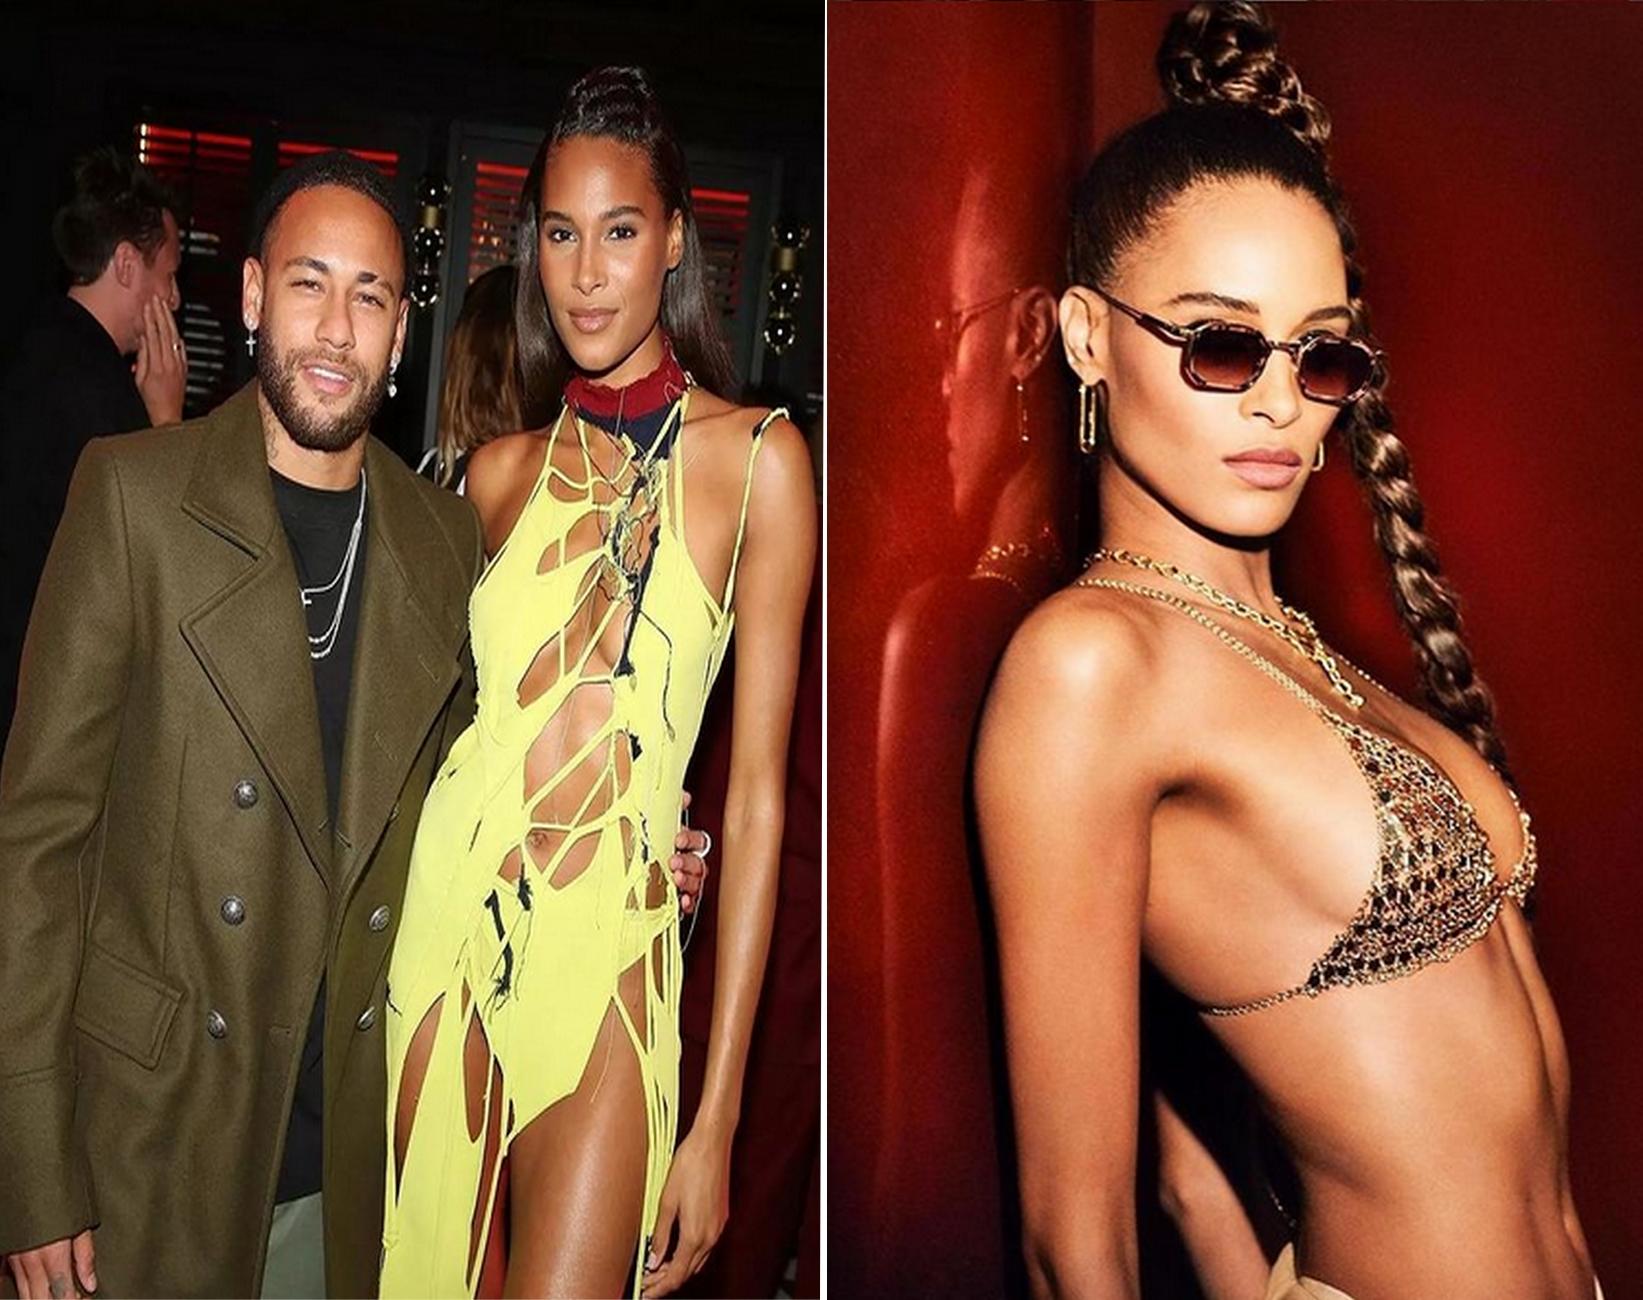 Νέιμαρ και Εμπαπέ μαζί σε πάρτι για τα γενέθλια ενός διάσημου super model στο Παρίσι